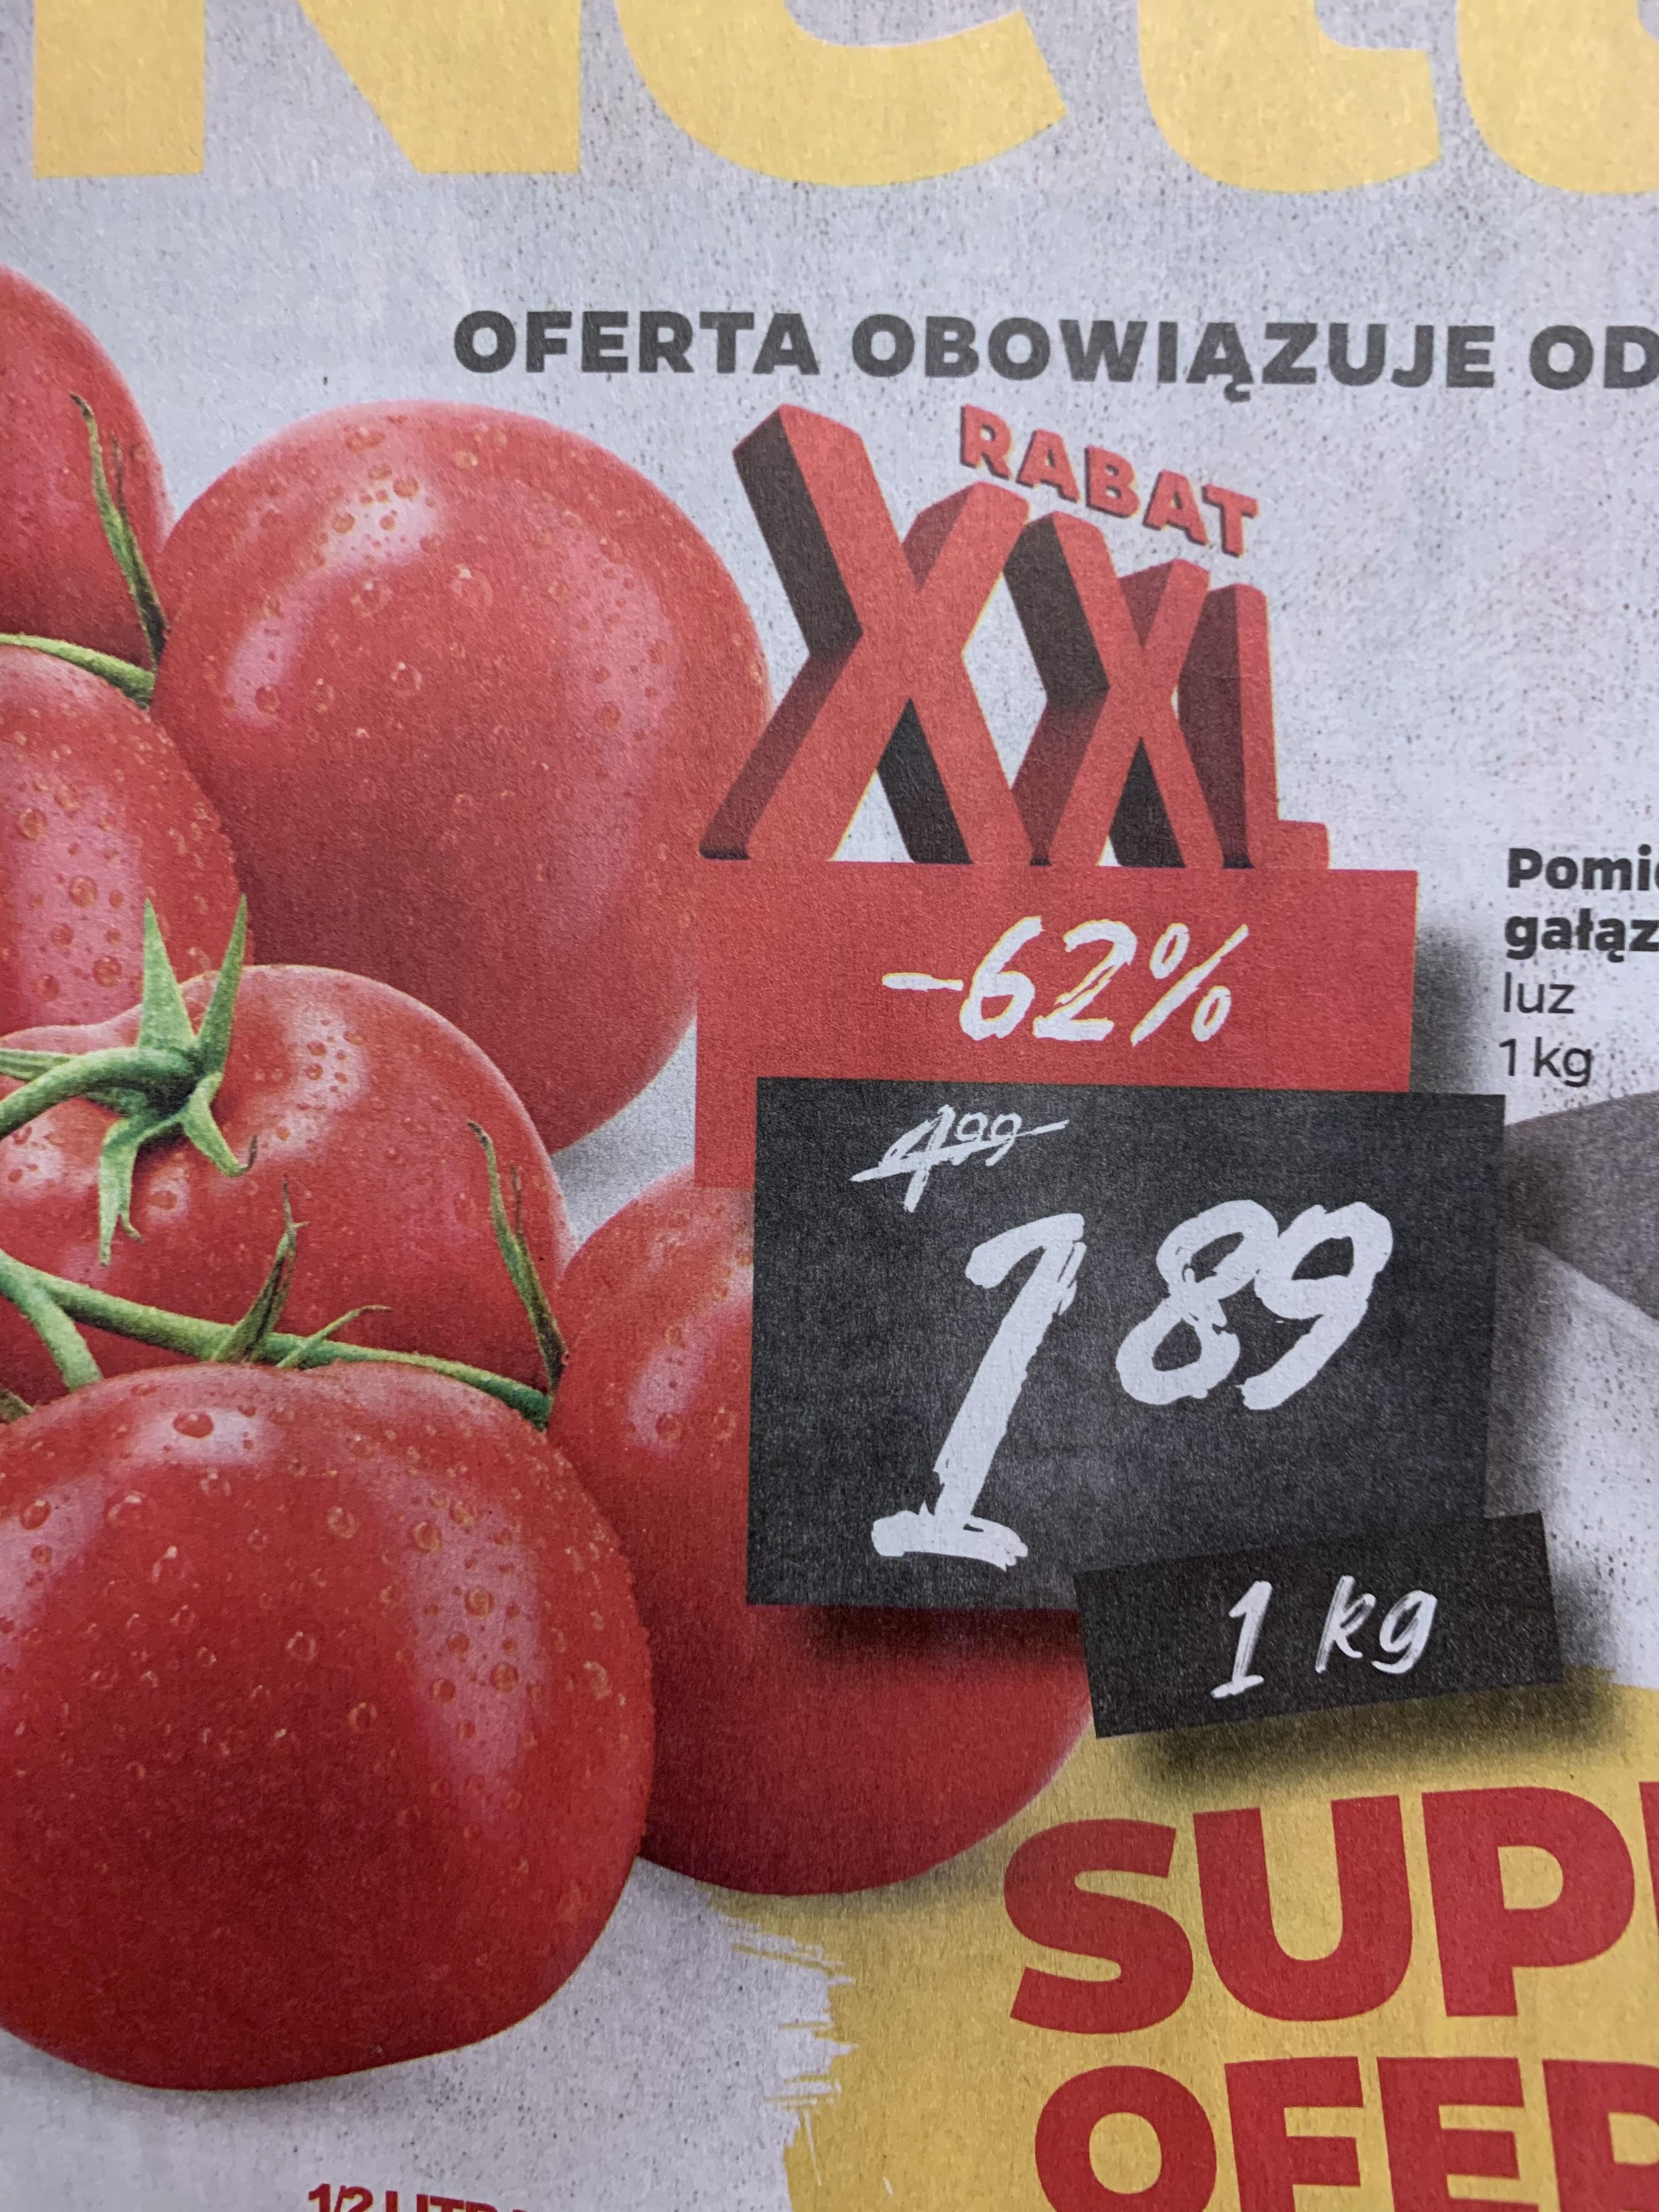 Pomidor gałązka 1kg @Netto